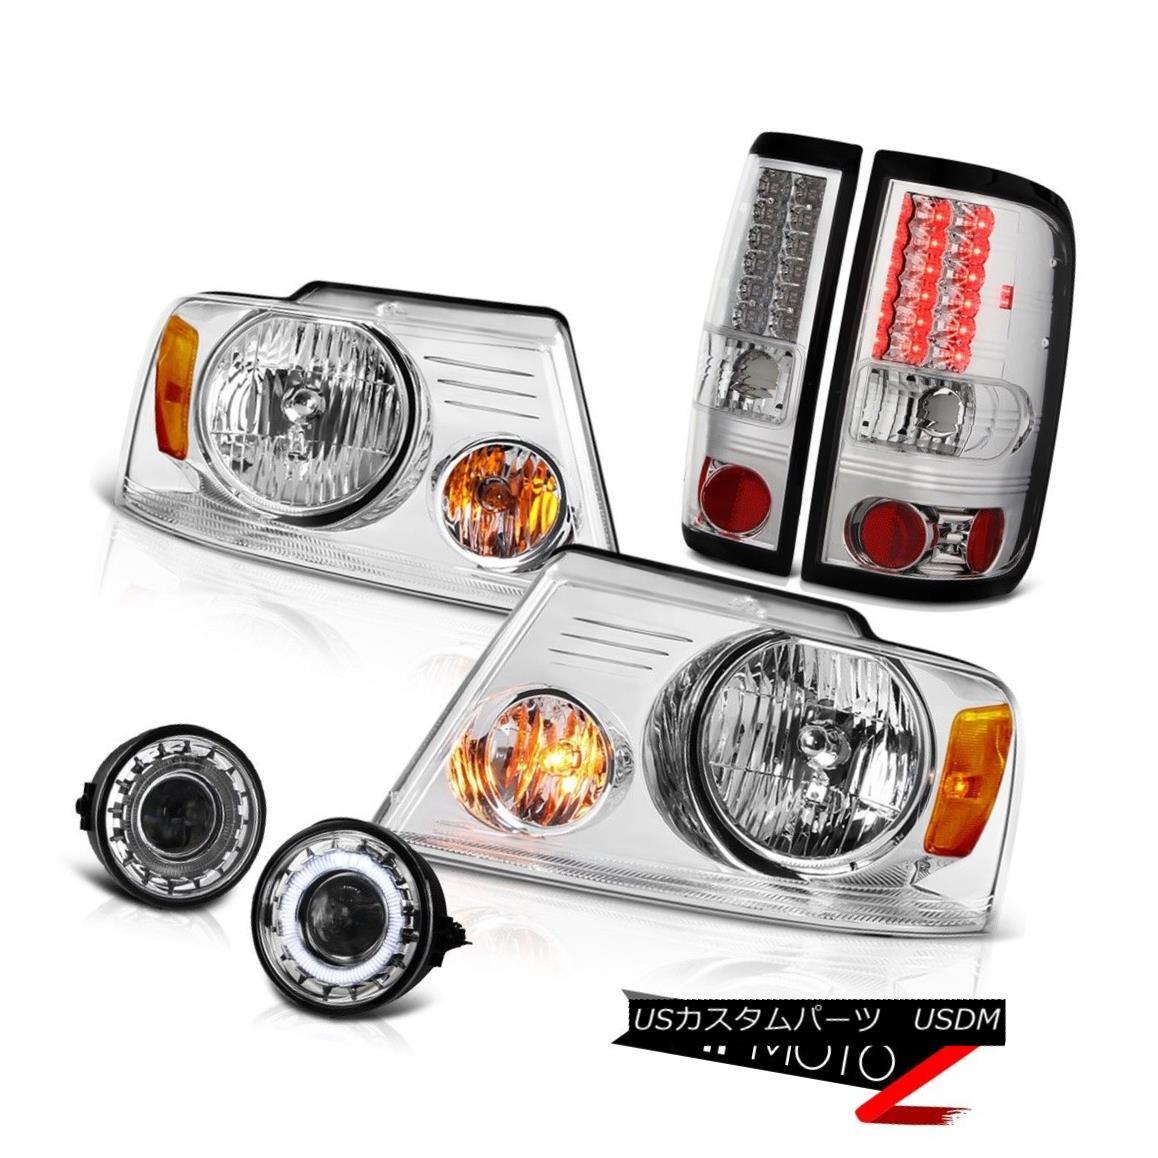 ヘッドライト [GLASS HALO RIM FOGLIGHT]+[HEADLIGHTS]+[TAIL LIGHT] FORD F150 2006-2008 V8 Truck [ガラスハローリムフォグライト] + [HEA  DLIGHTS] + [テールライト] FORD F150 2006-2008 V8トラック